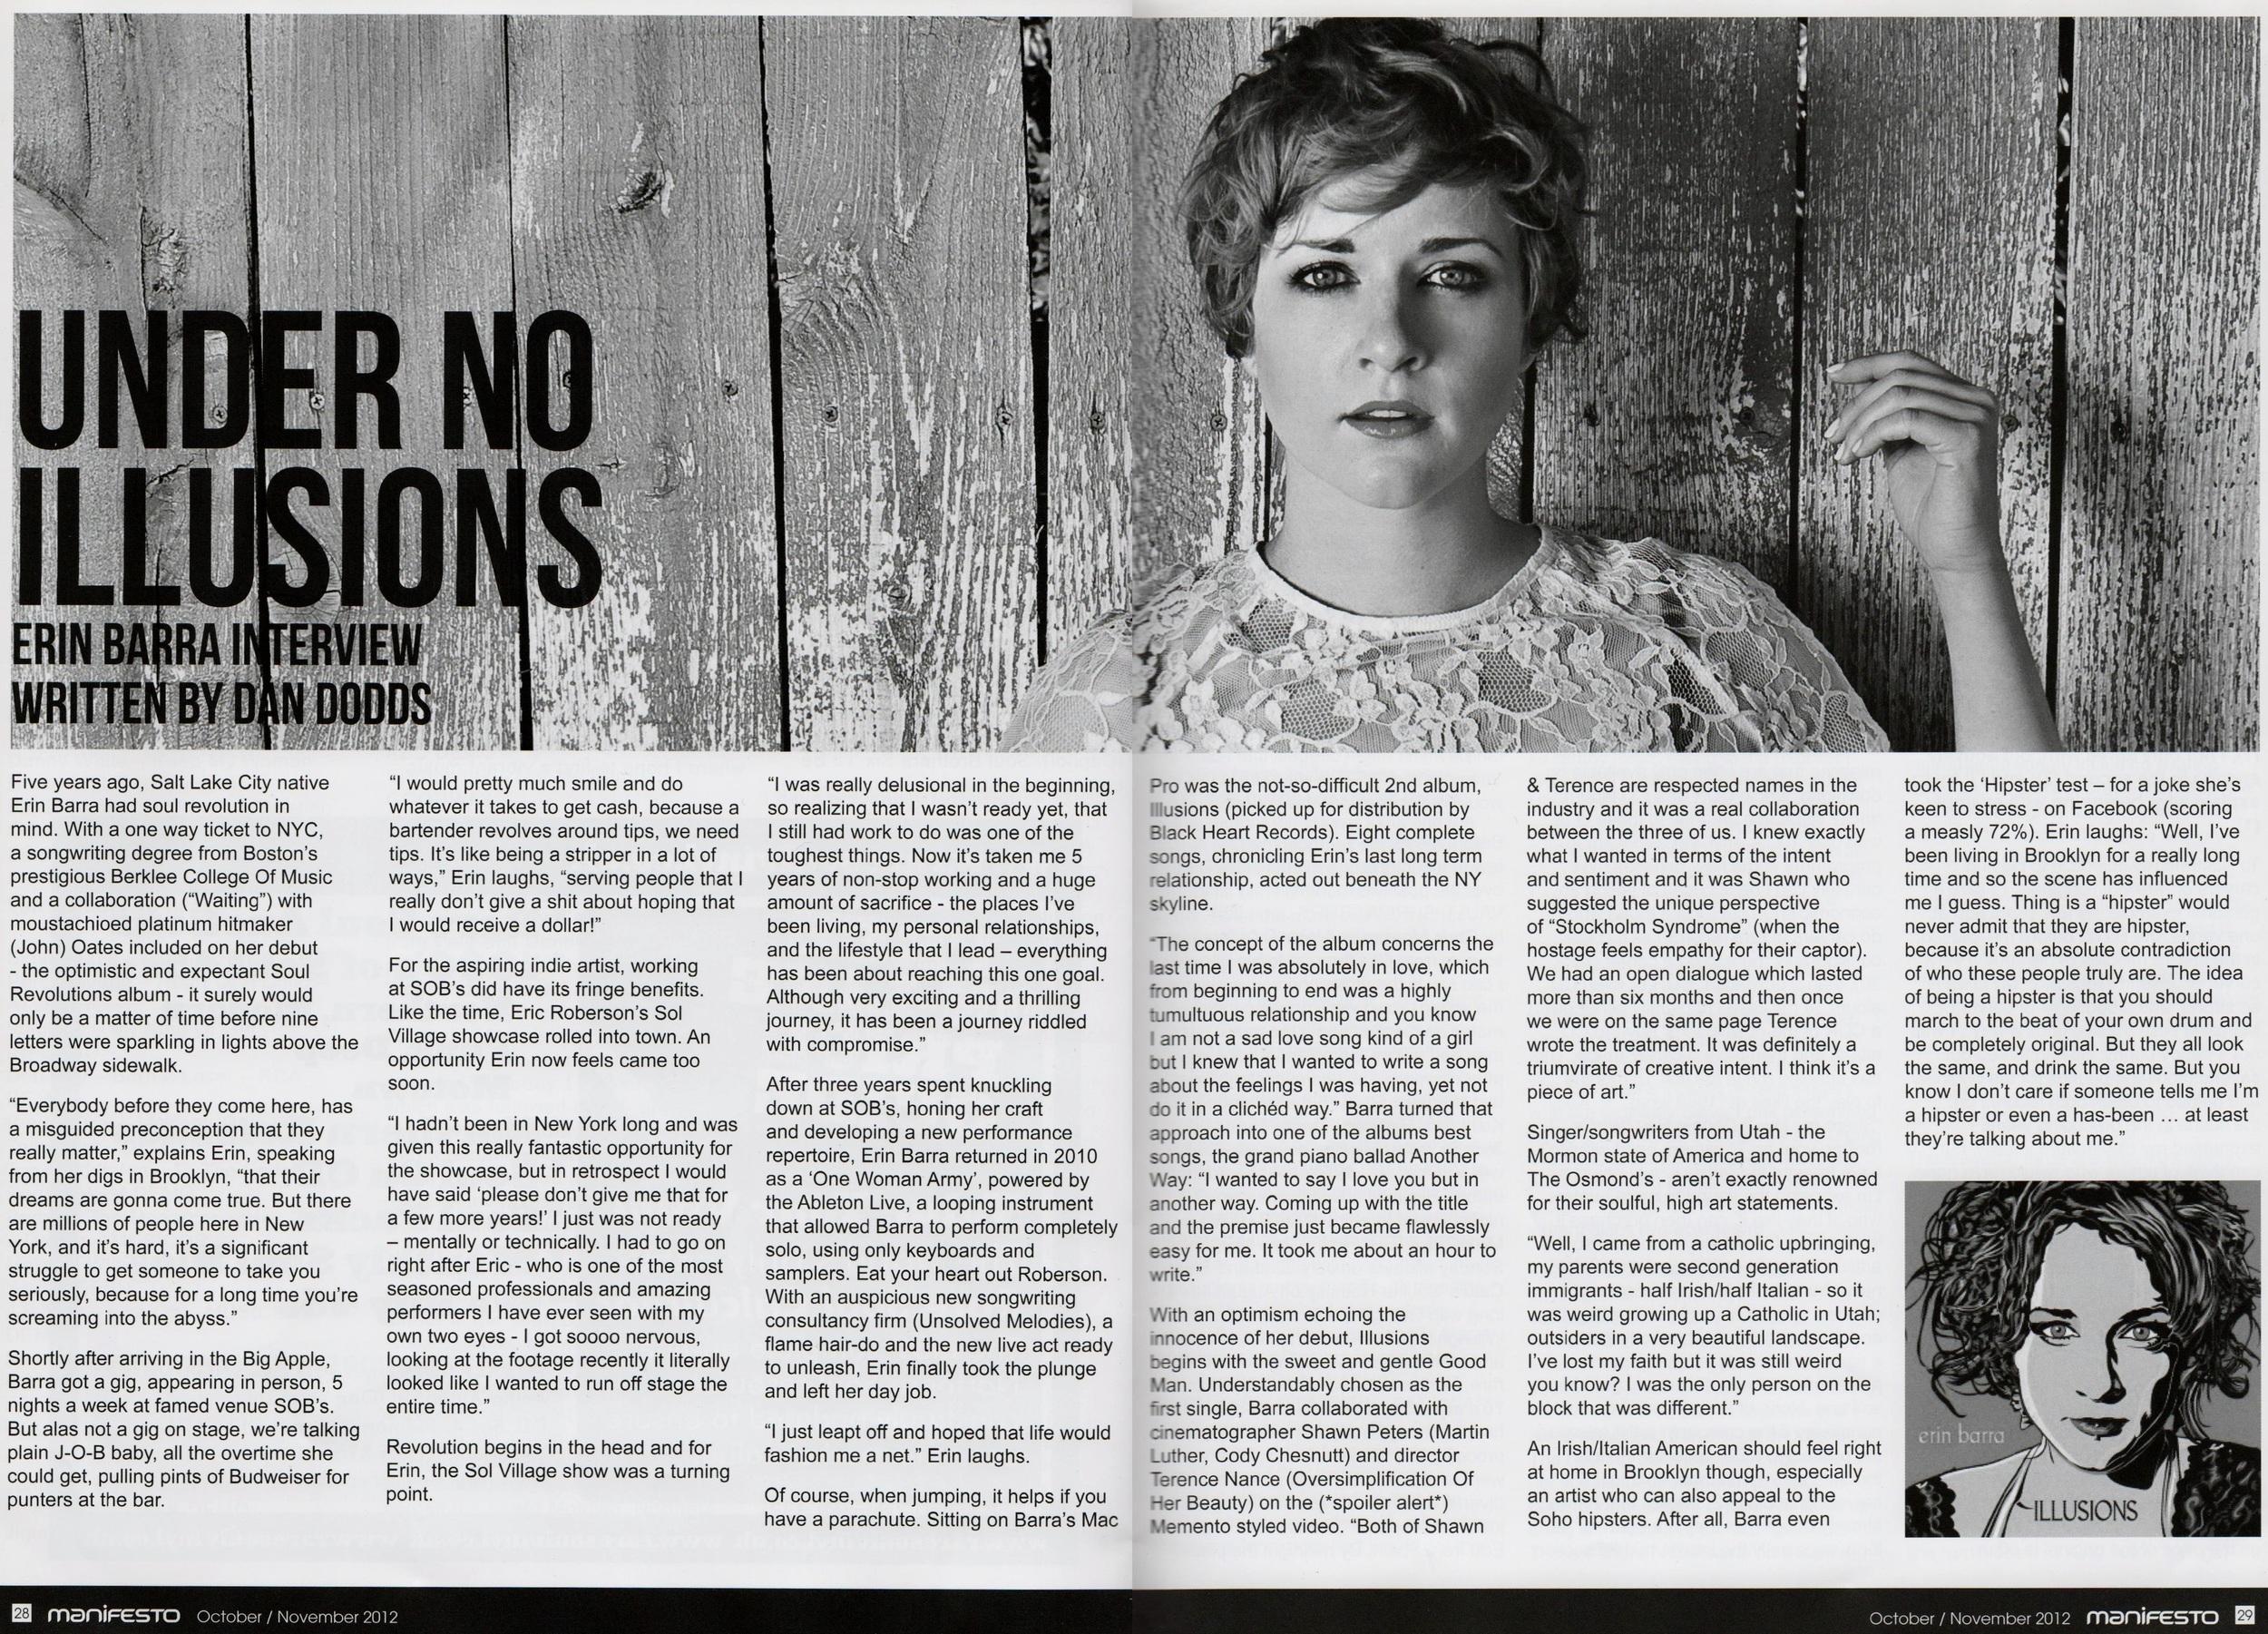 Manifesto Soul Magazine Nov 2012